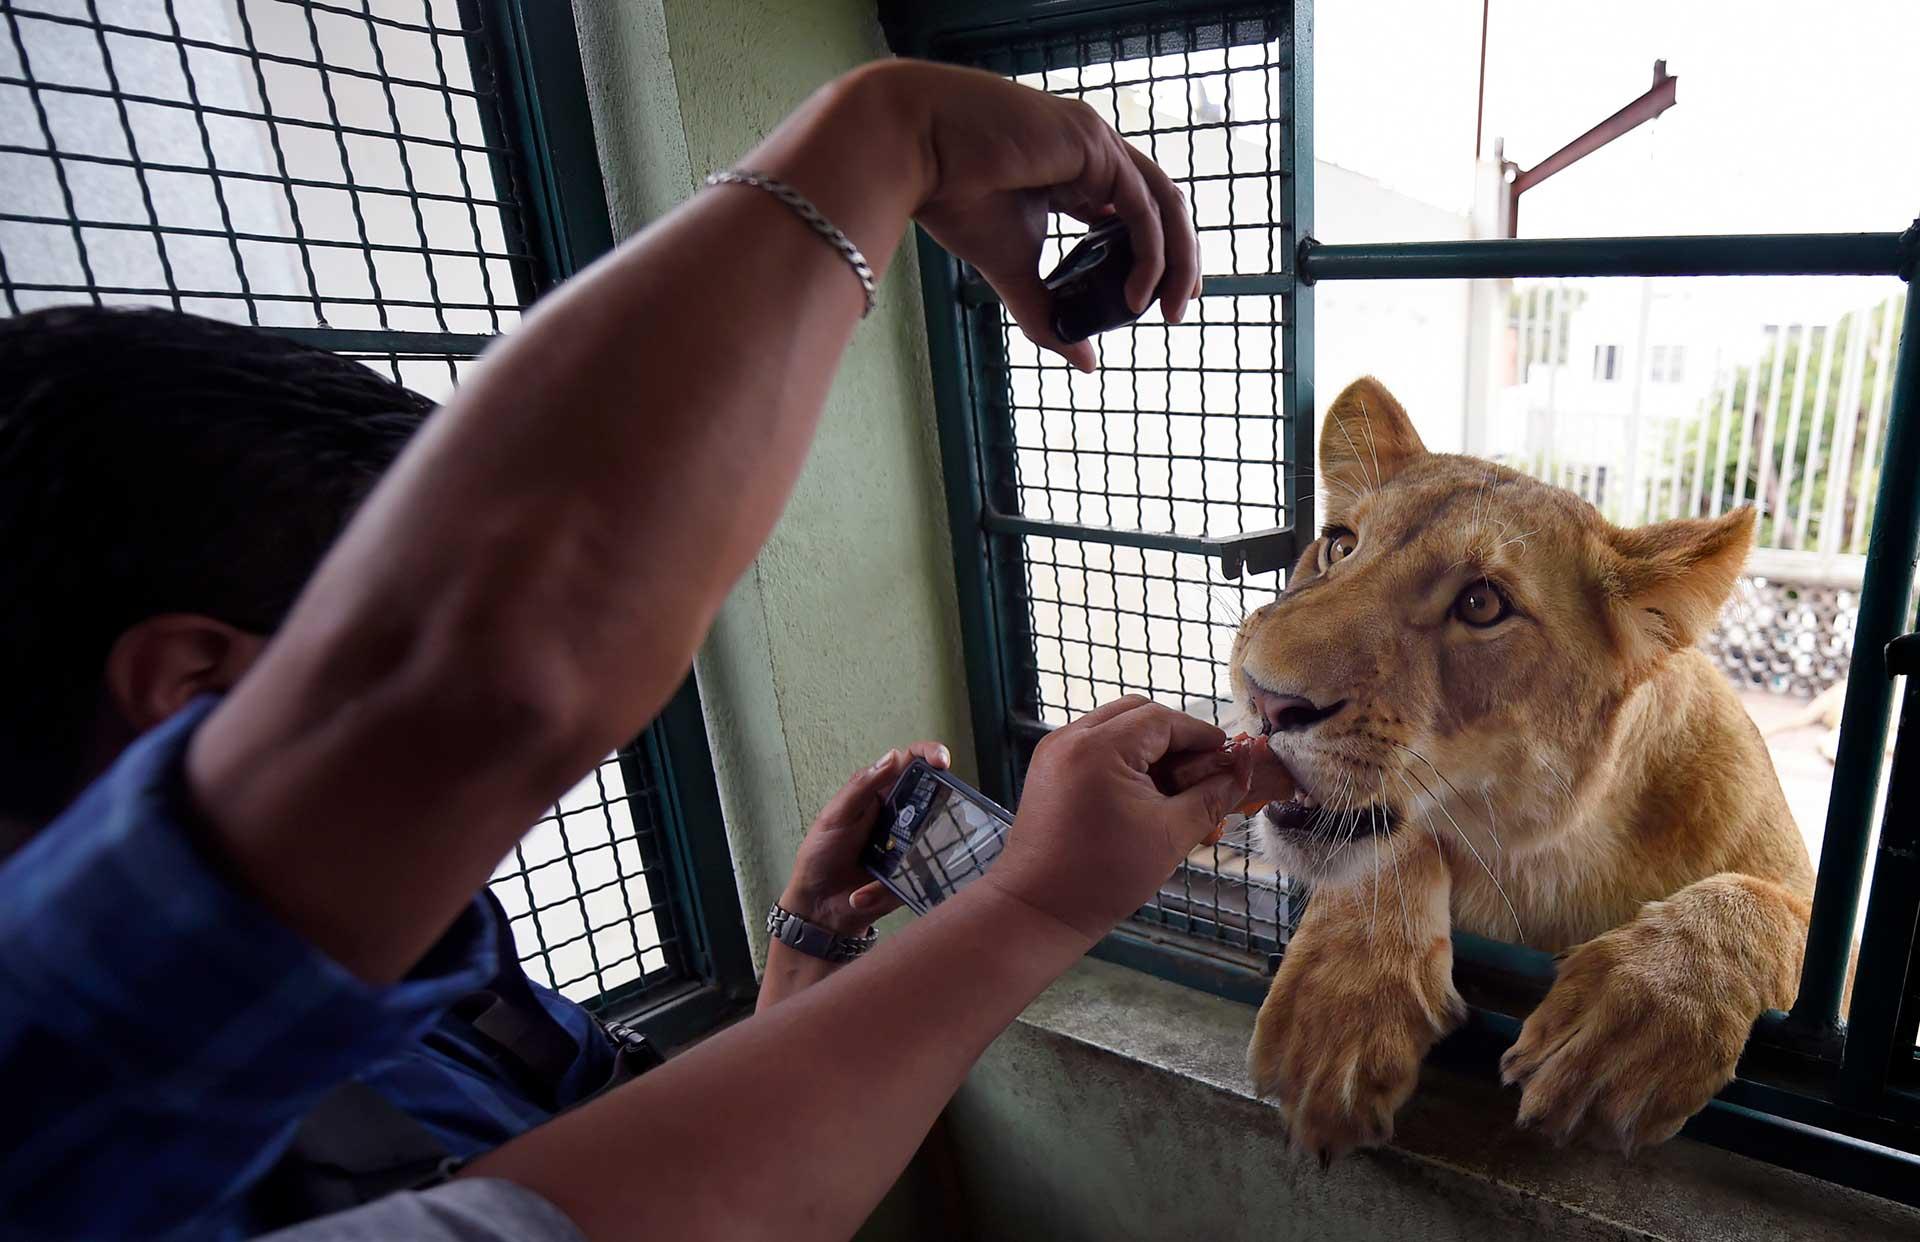 """Omar asegura que su principal motivación es conservacionista, para que sis nietos y los del barrio conozcan a leones blancos, aunque está consciente del riesgo que corren. """"Mis hijos van entendiendo que es un animal al que hay respetar, al que hay que cuidar, también deben entender que no es un perro, es un animal muy fuerte"""", concluye."""